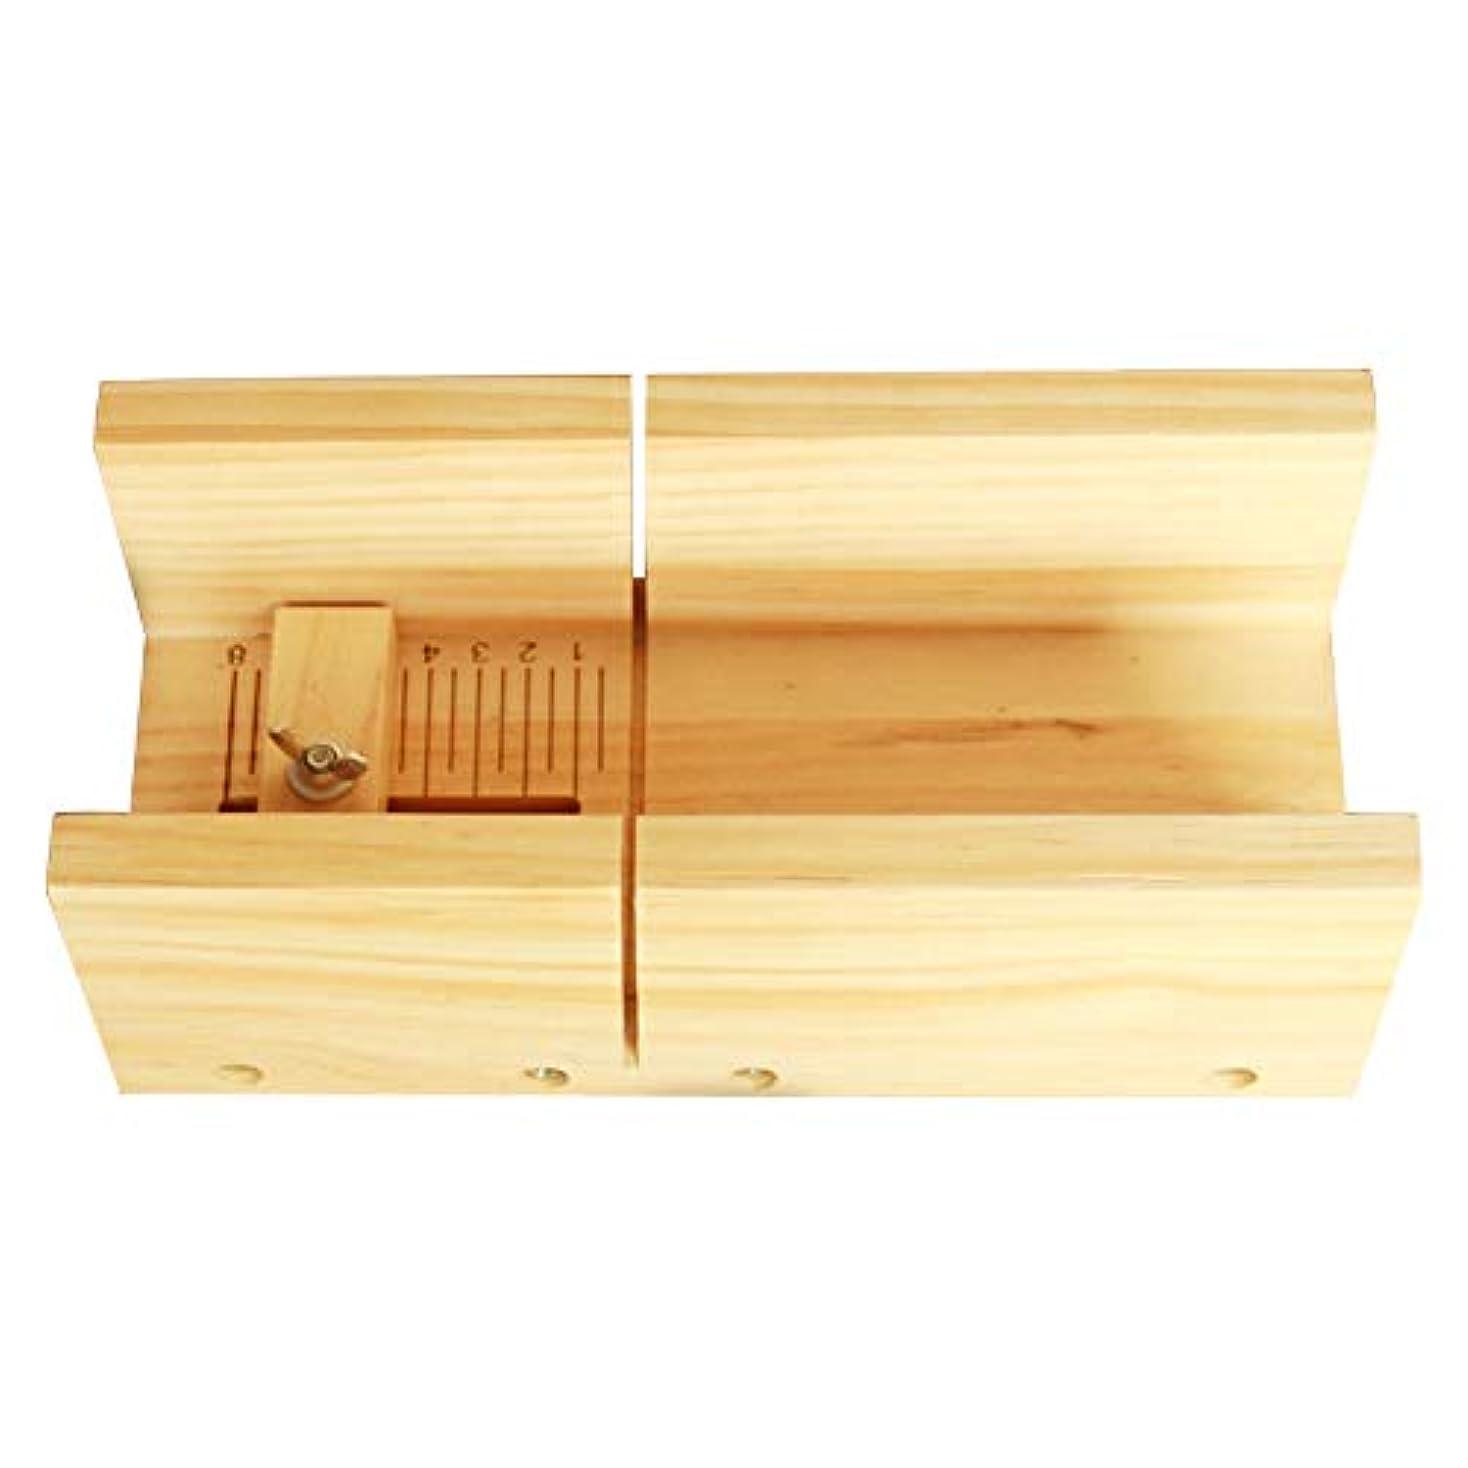 避けられない異常不変ソープカッター、多機能ソープカッターキャンドルケーキチョコレートカッティングツール木製ボックス器具キャンドルスケール用DIYクラフトを作る